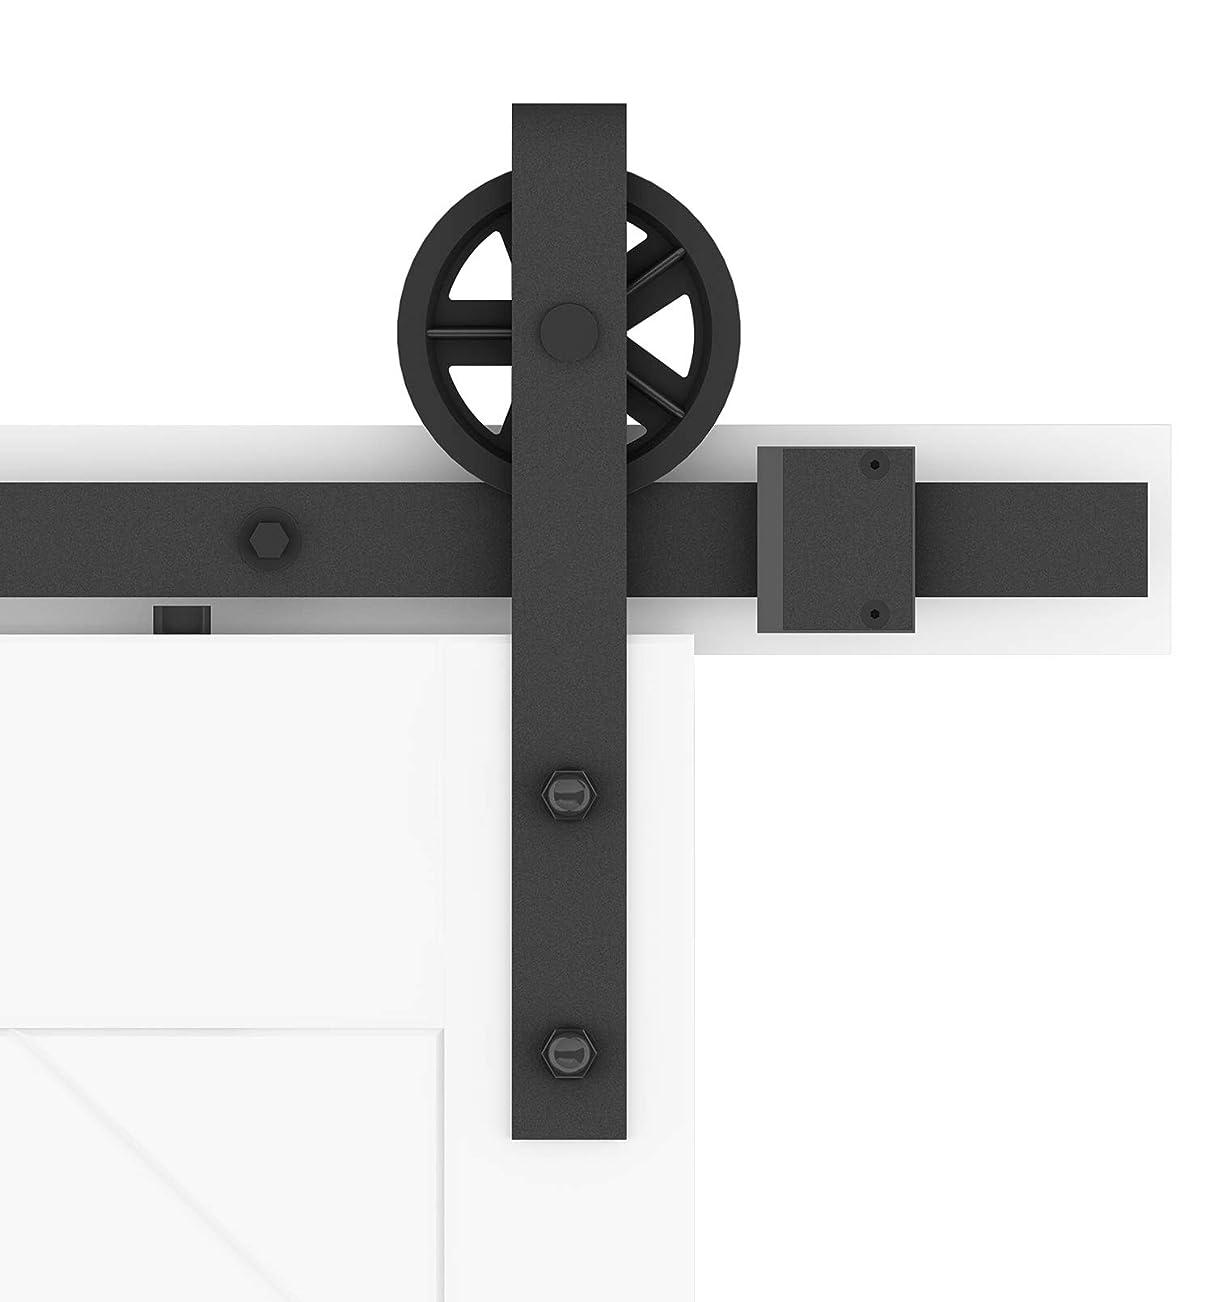 結婚式衝突コース靴下DIYHD 2M納屋のトラックレールスチール黒い車輪ロ-ラ木製ドア吊り引き戸金物